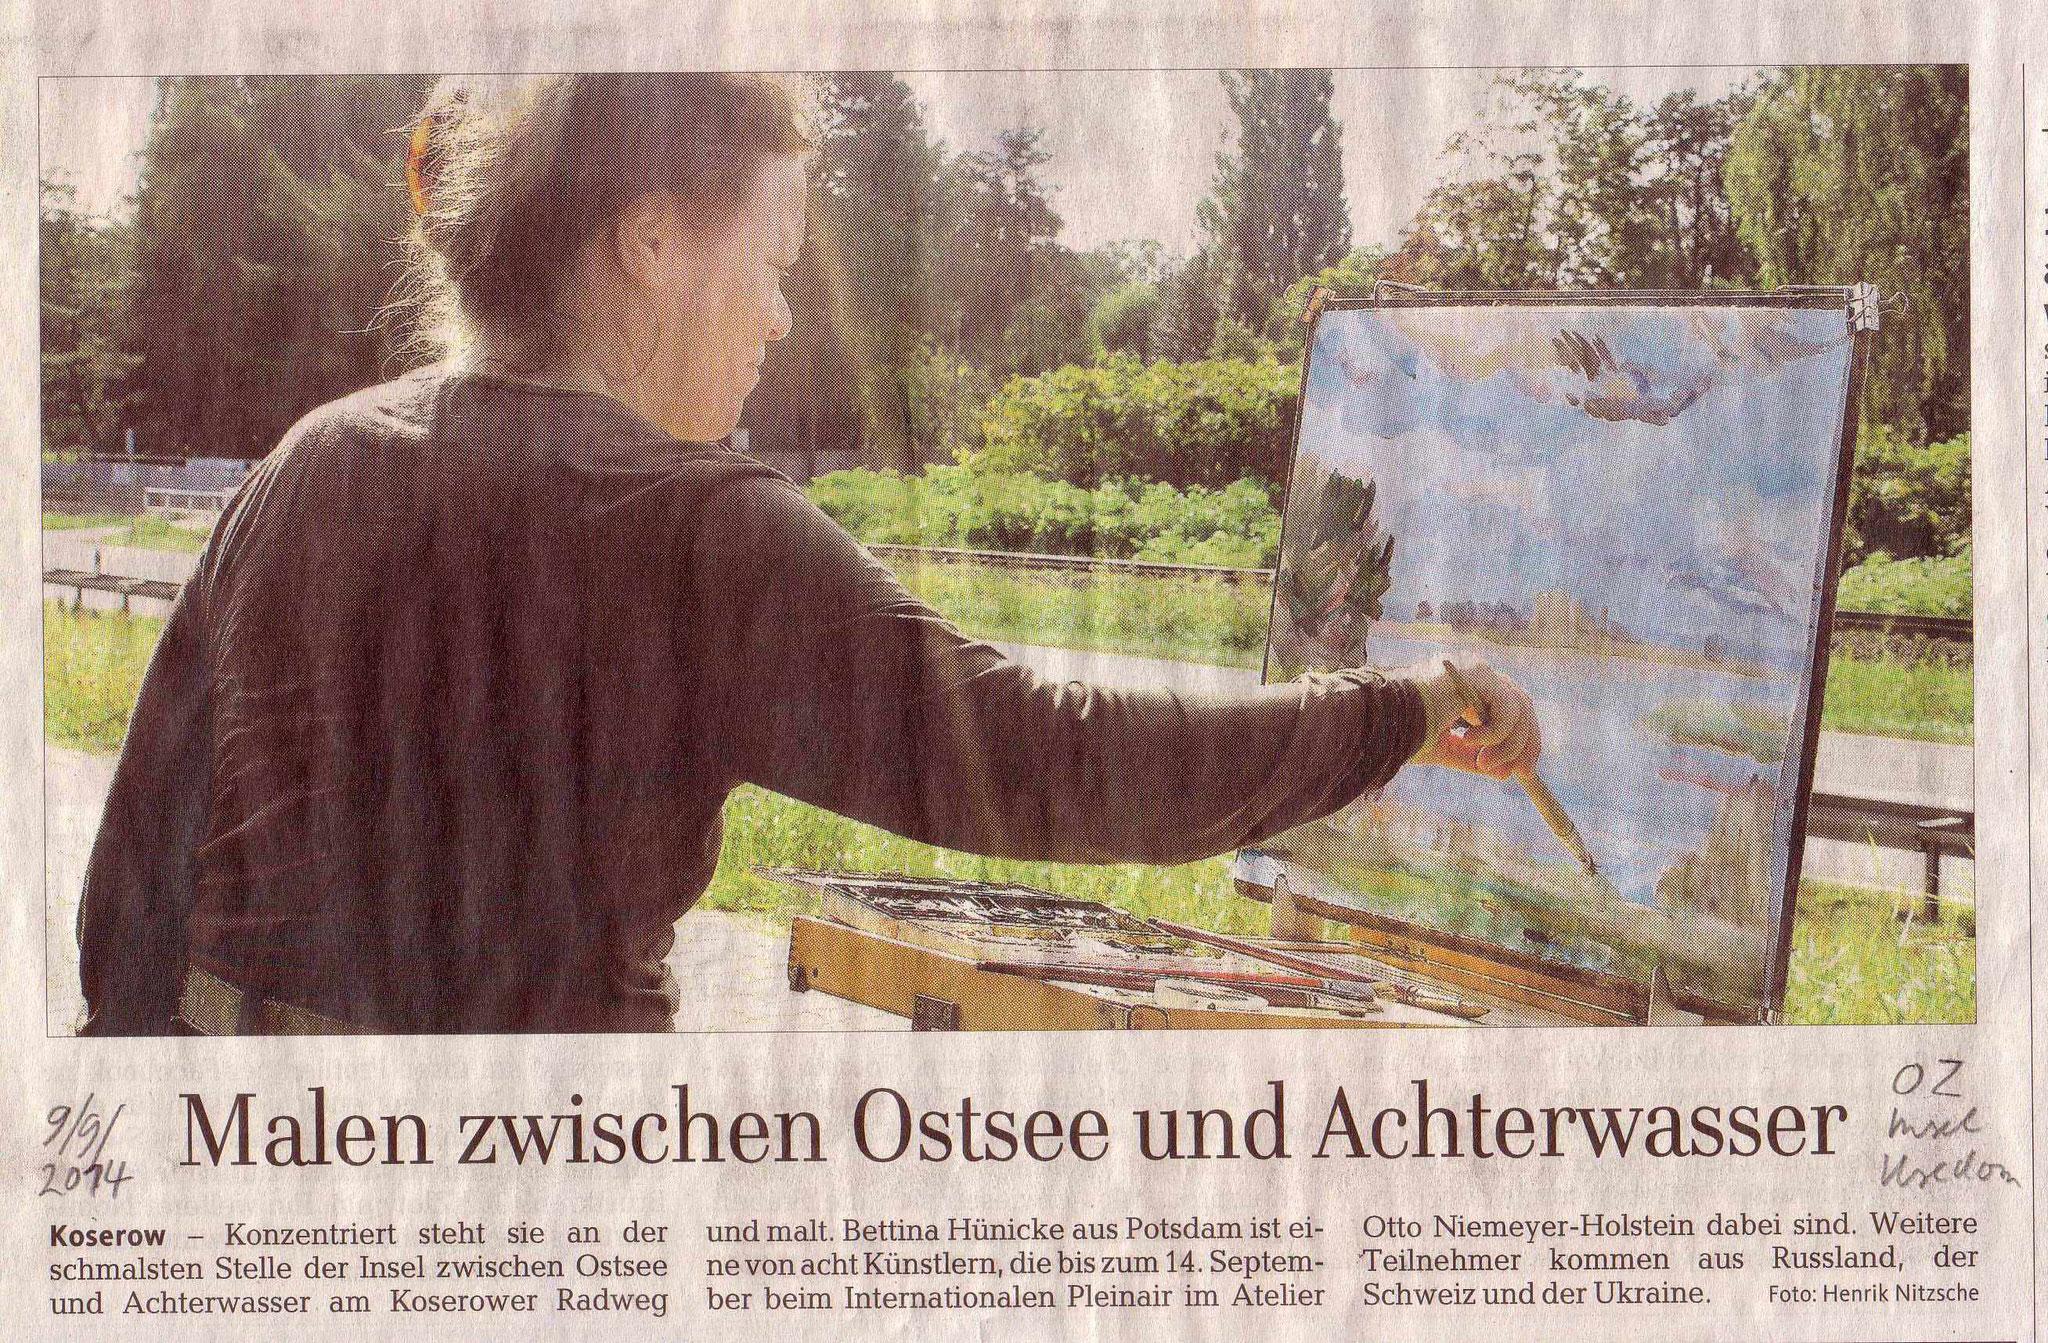 September 2014: Malen zwischen Ostsee und Achterwasser Ostsee-Zeitung OZ, 9.9.2014, Beitrag und Fotografie von Henrik Nitzsche